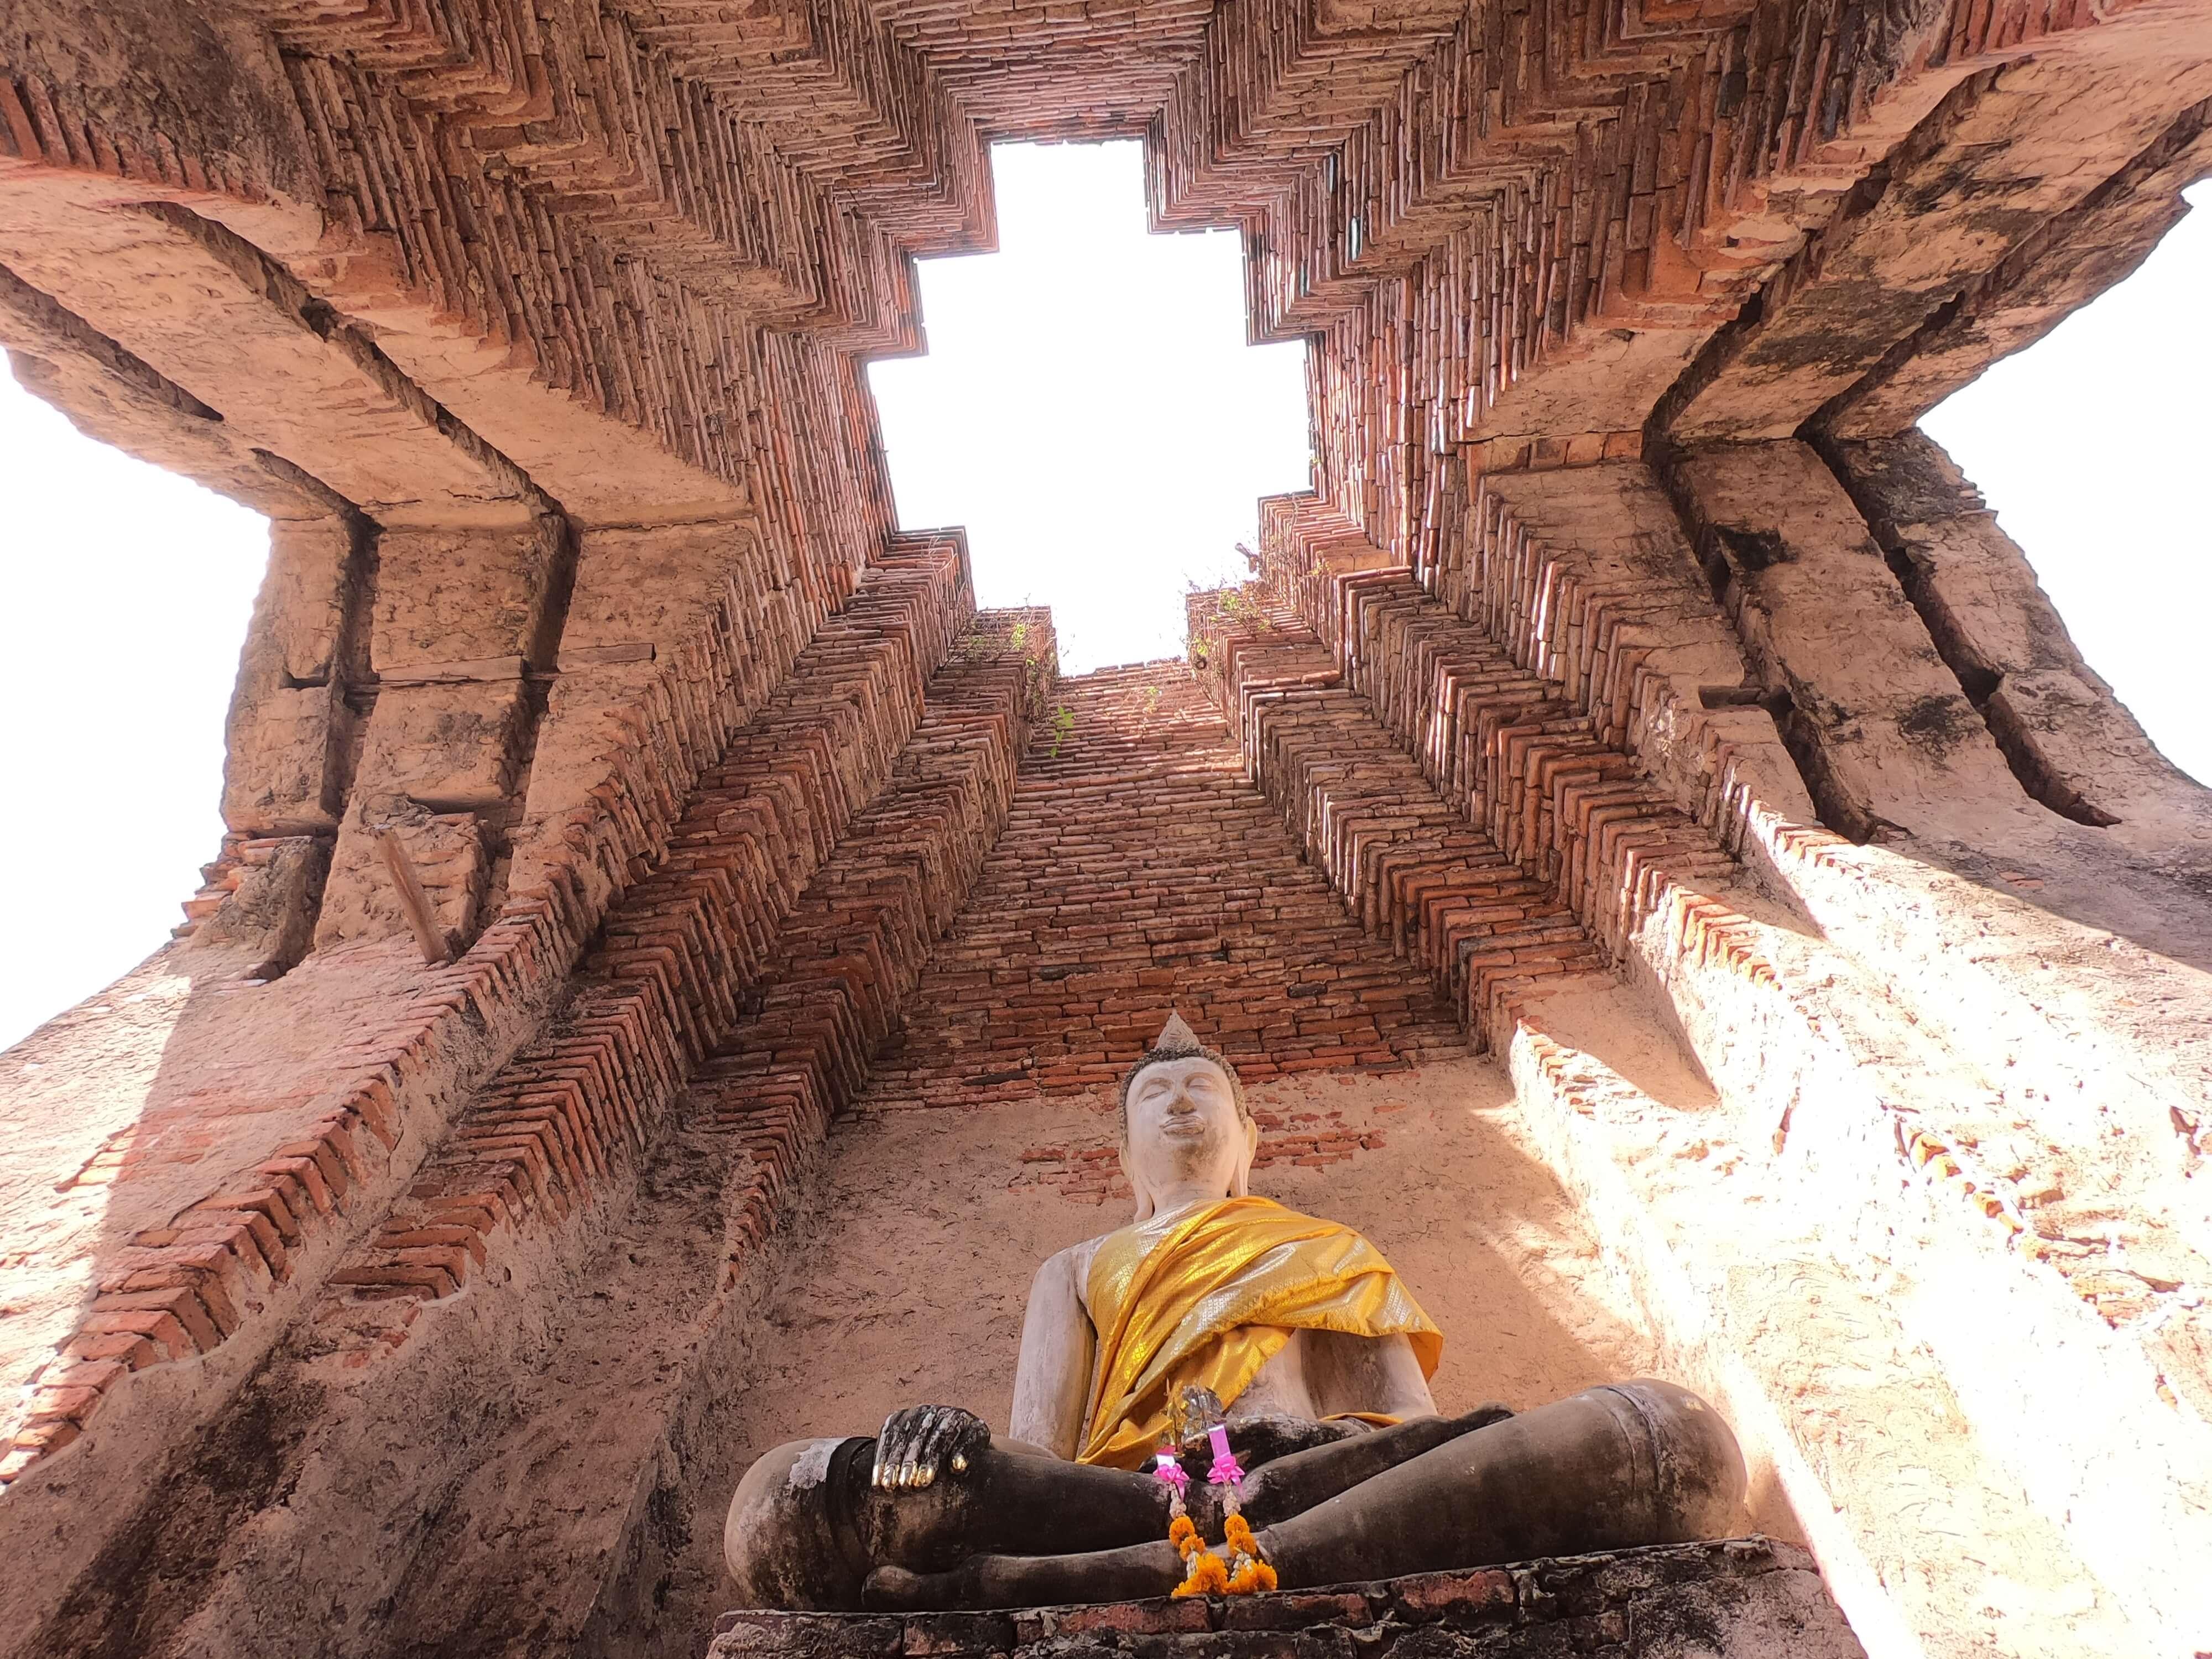 プラサート ナコンルアン/ アユタヤでは非常に珍しい階層構造を持つ、お城の遺跡